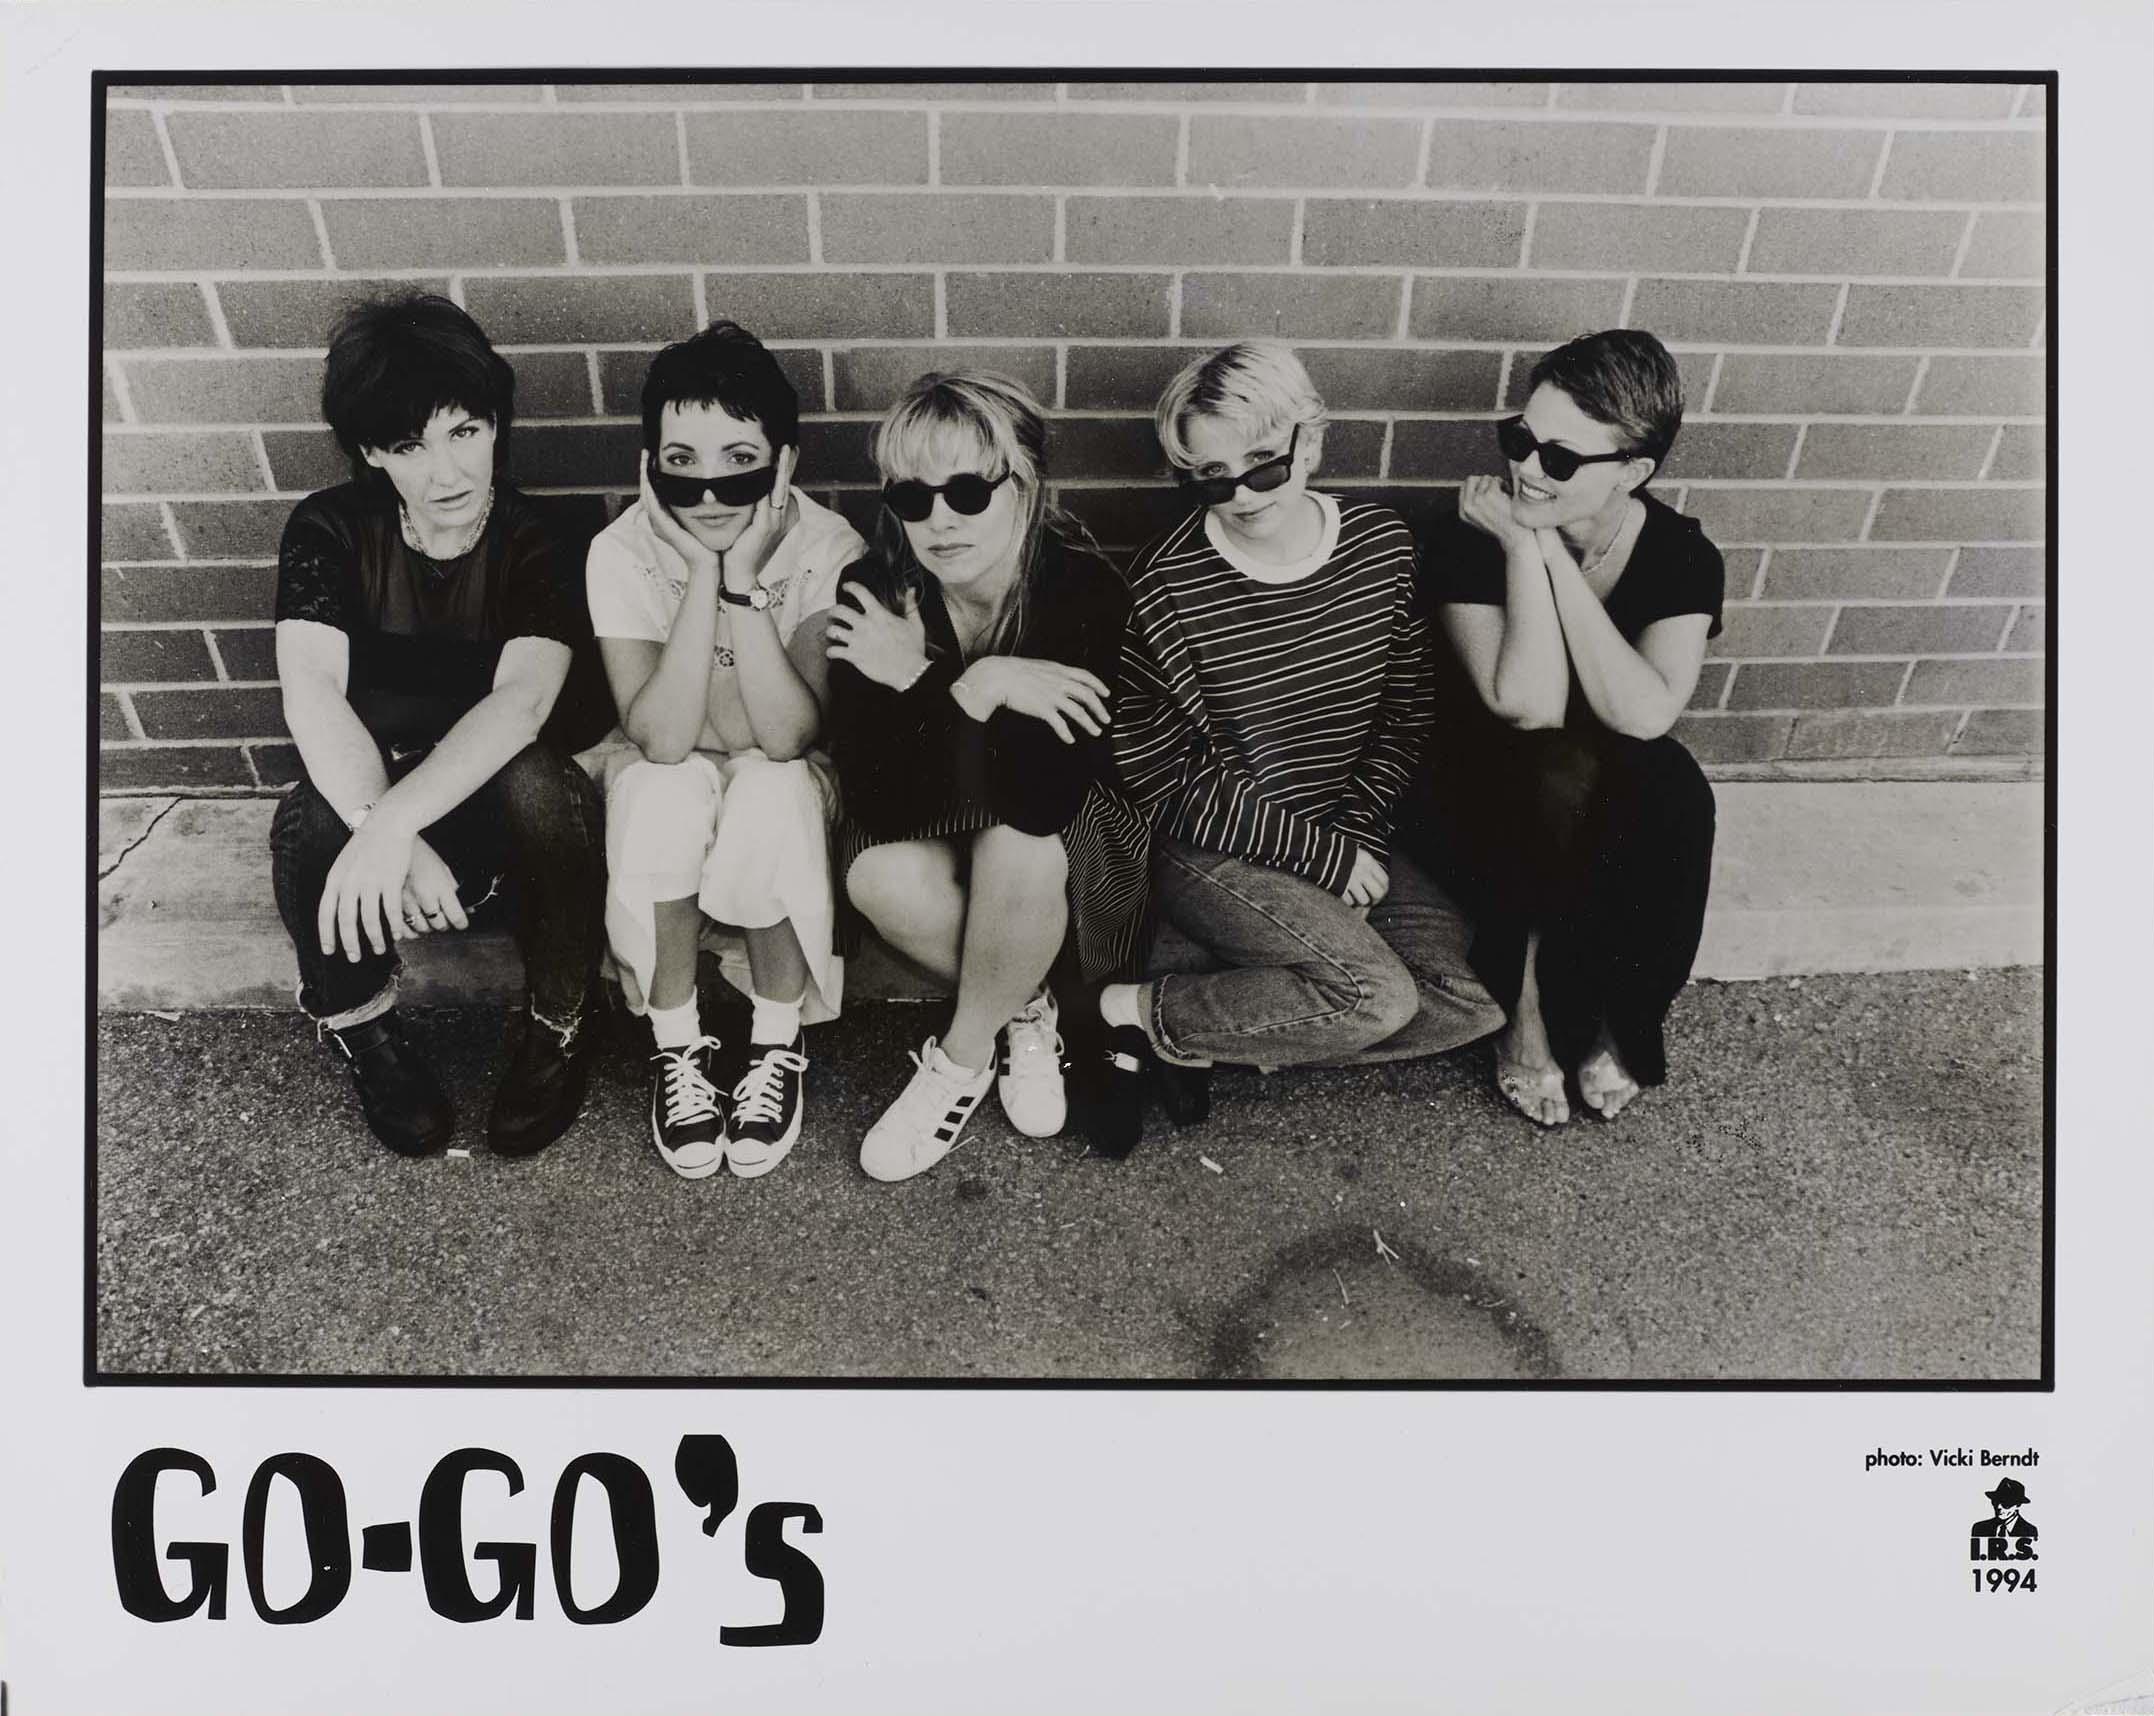 Go-Go's promo photo, 1994